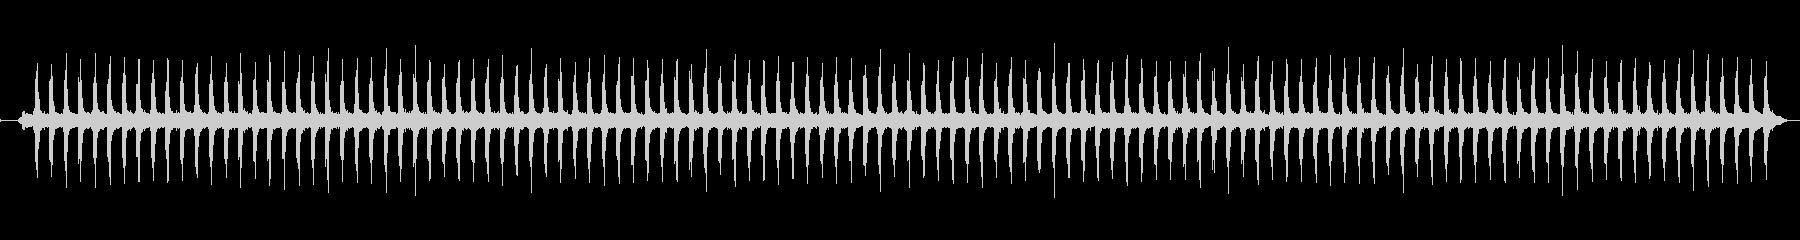 機械のトリミング-高速-短い間隔-...の未再生の波形